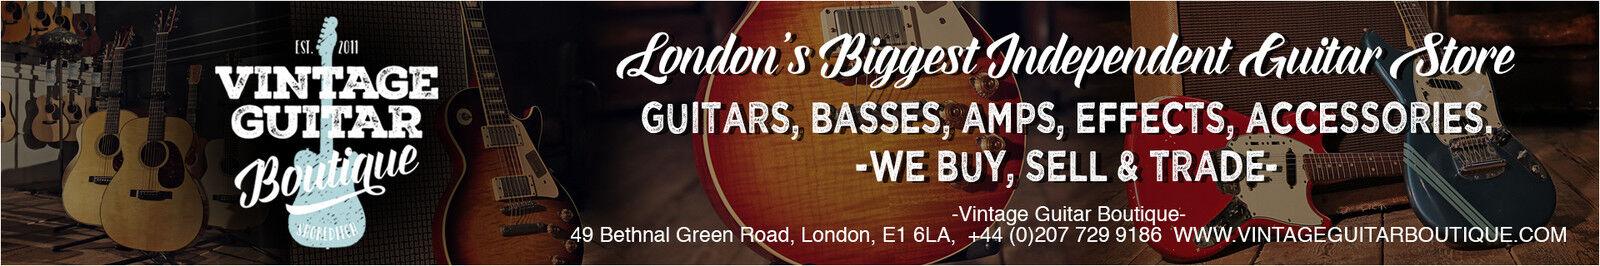 Vintage Guitar Boutique